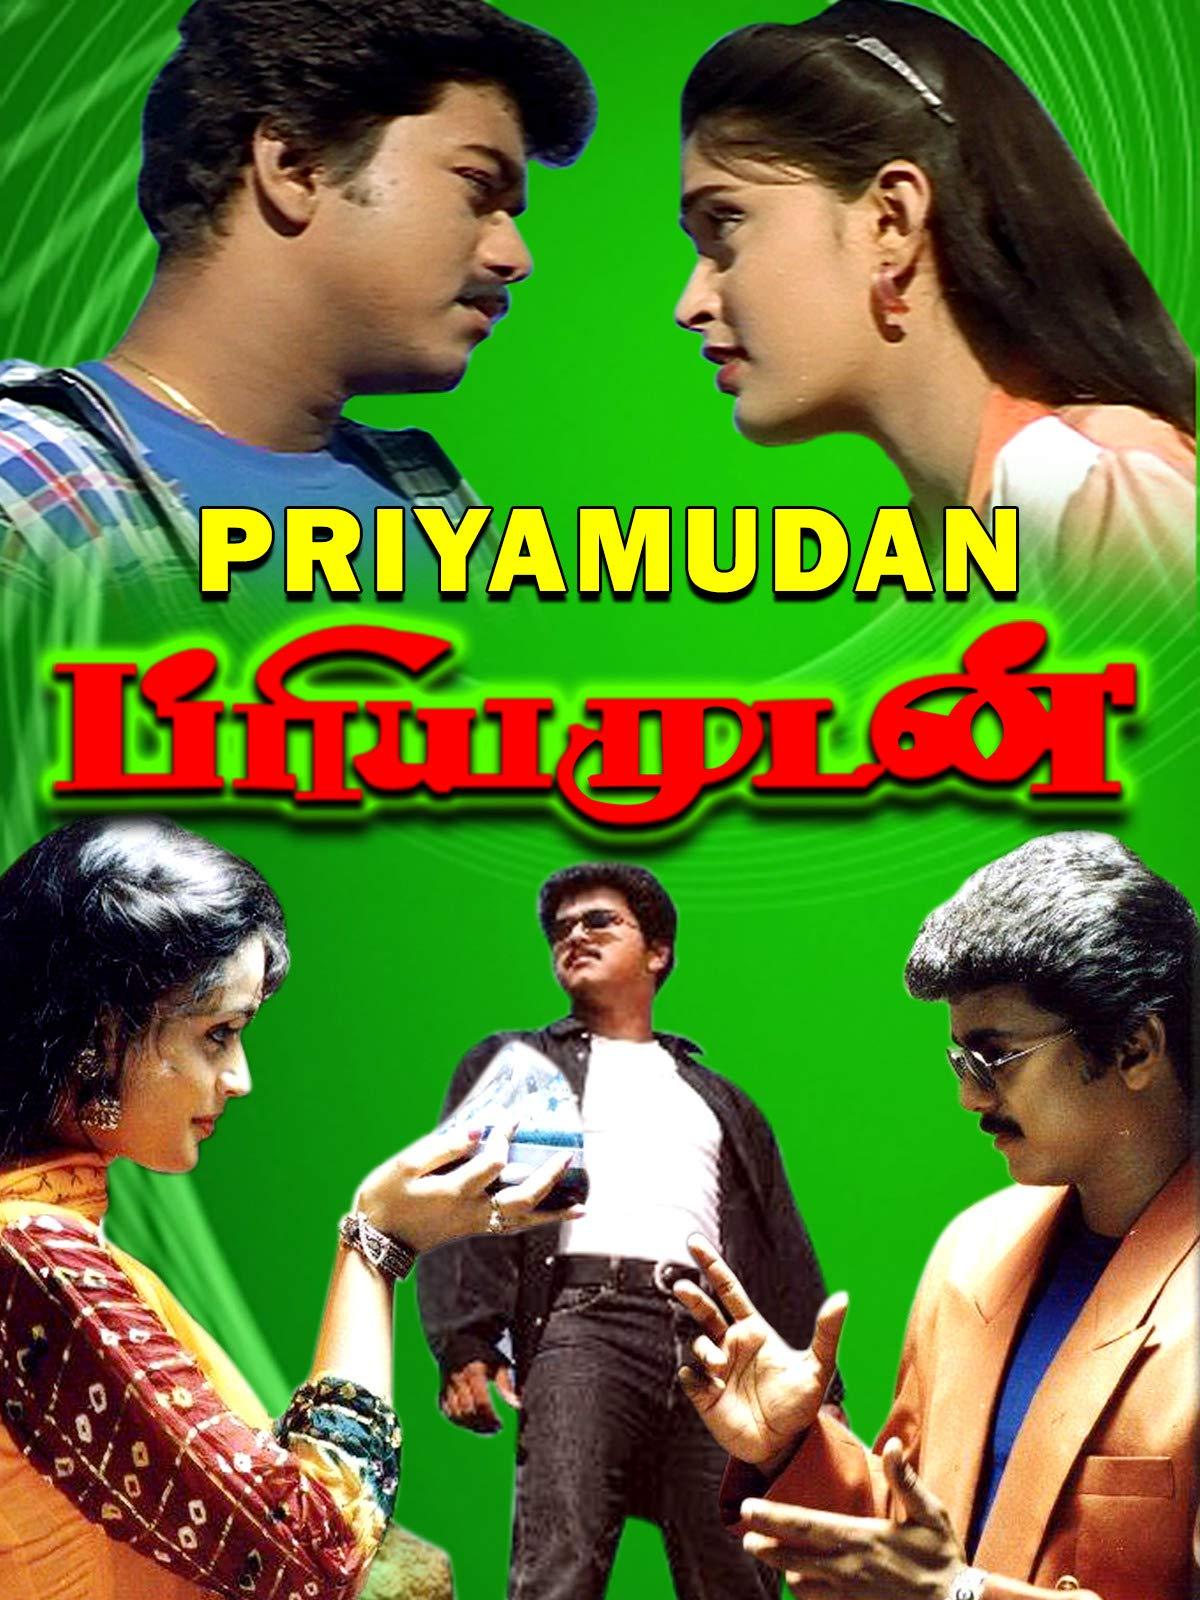 Priyamudan